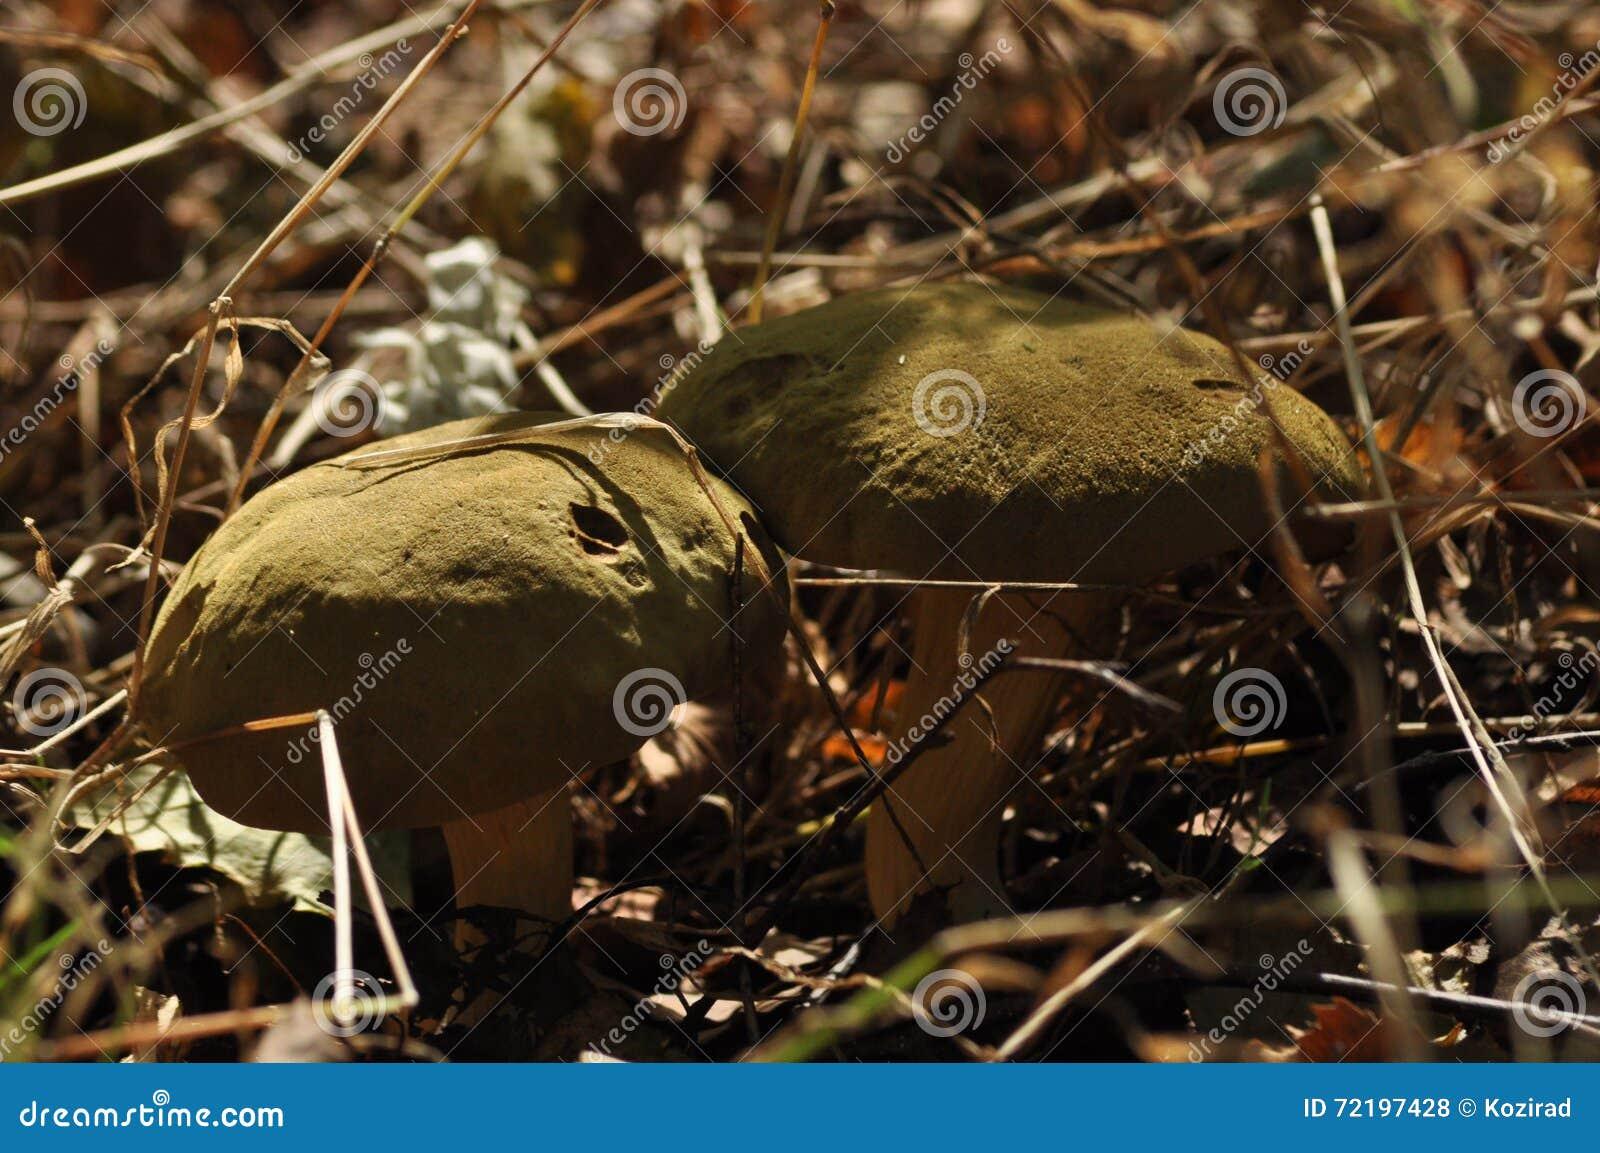 Cogumelos comestíveis delicacy A adição aos pratos outono